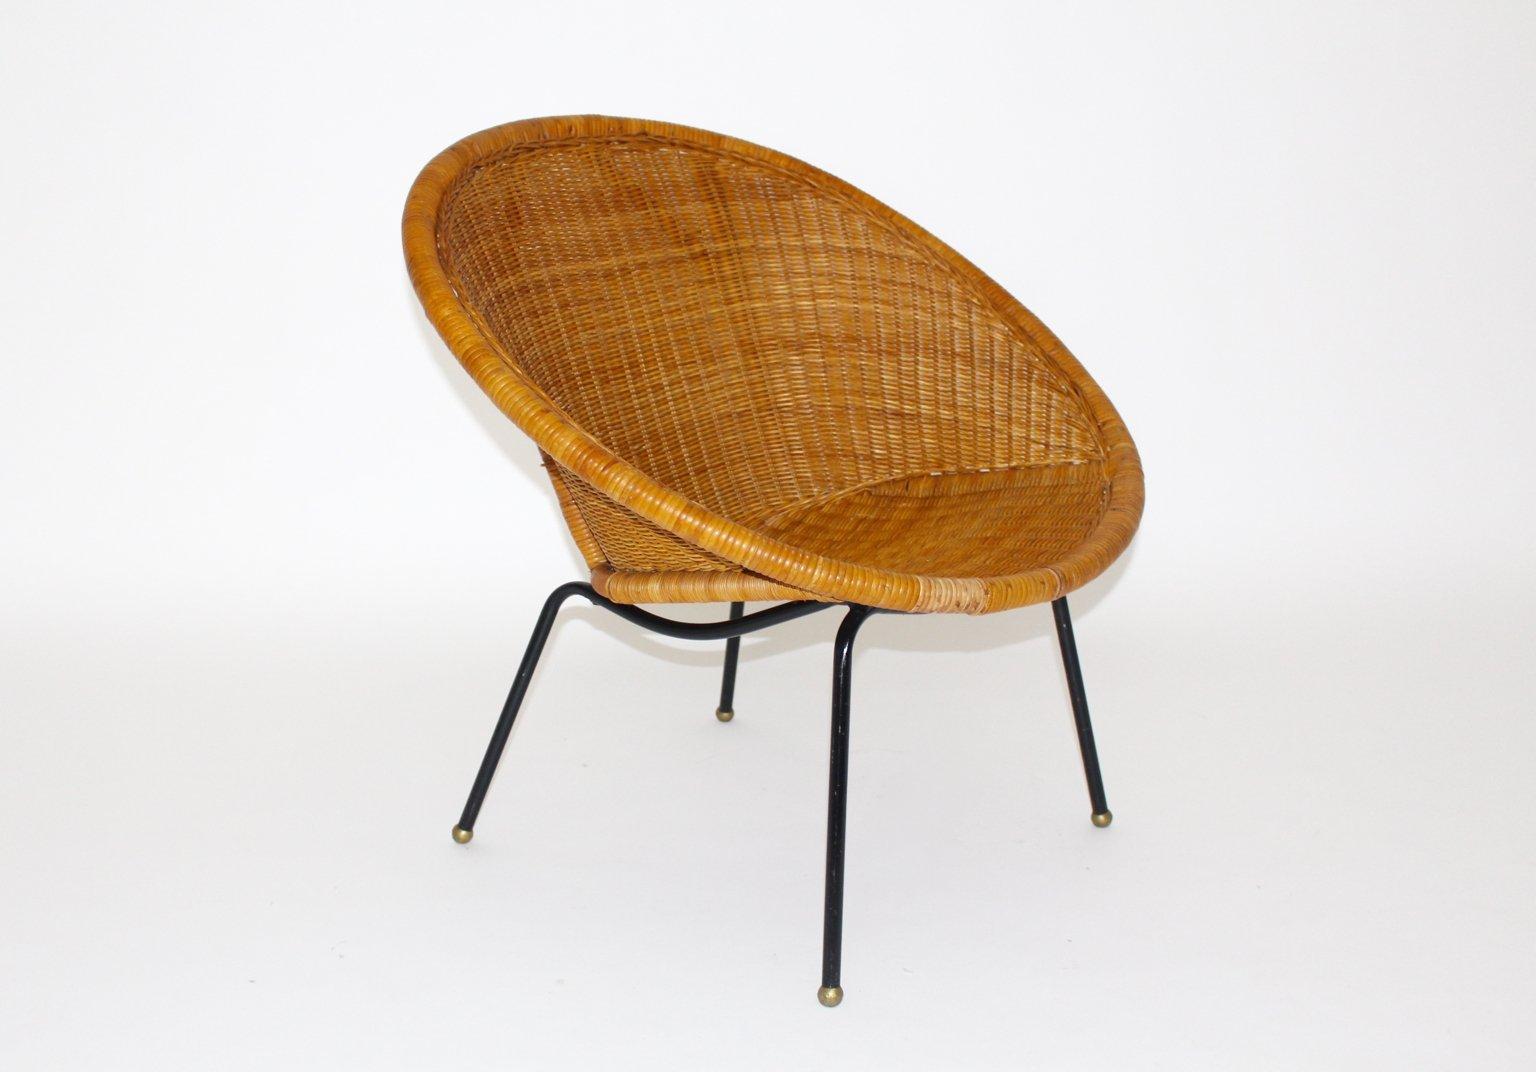 Italian MidCentury Modern Woven Rattan Chair 1950s